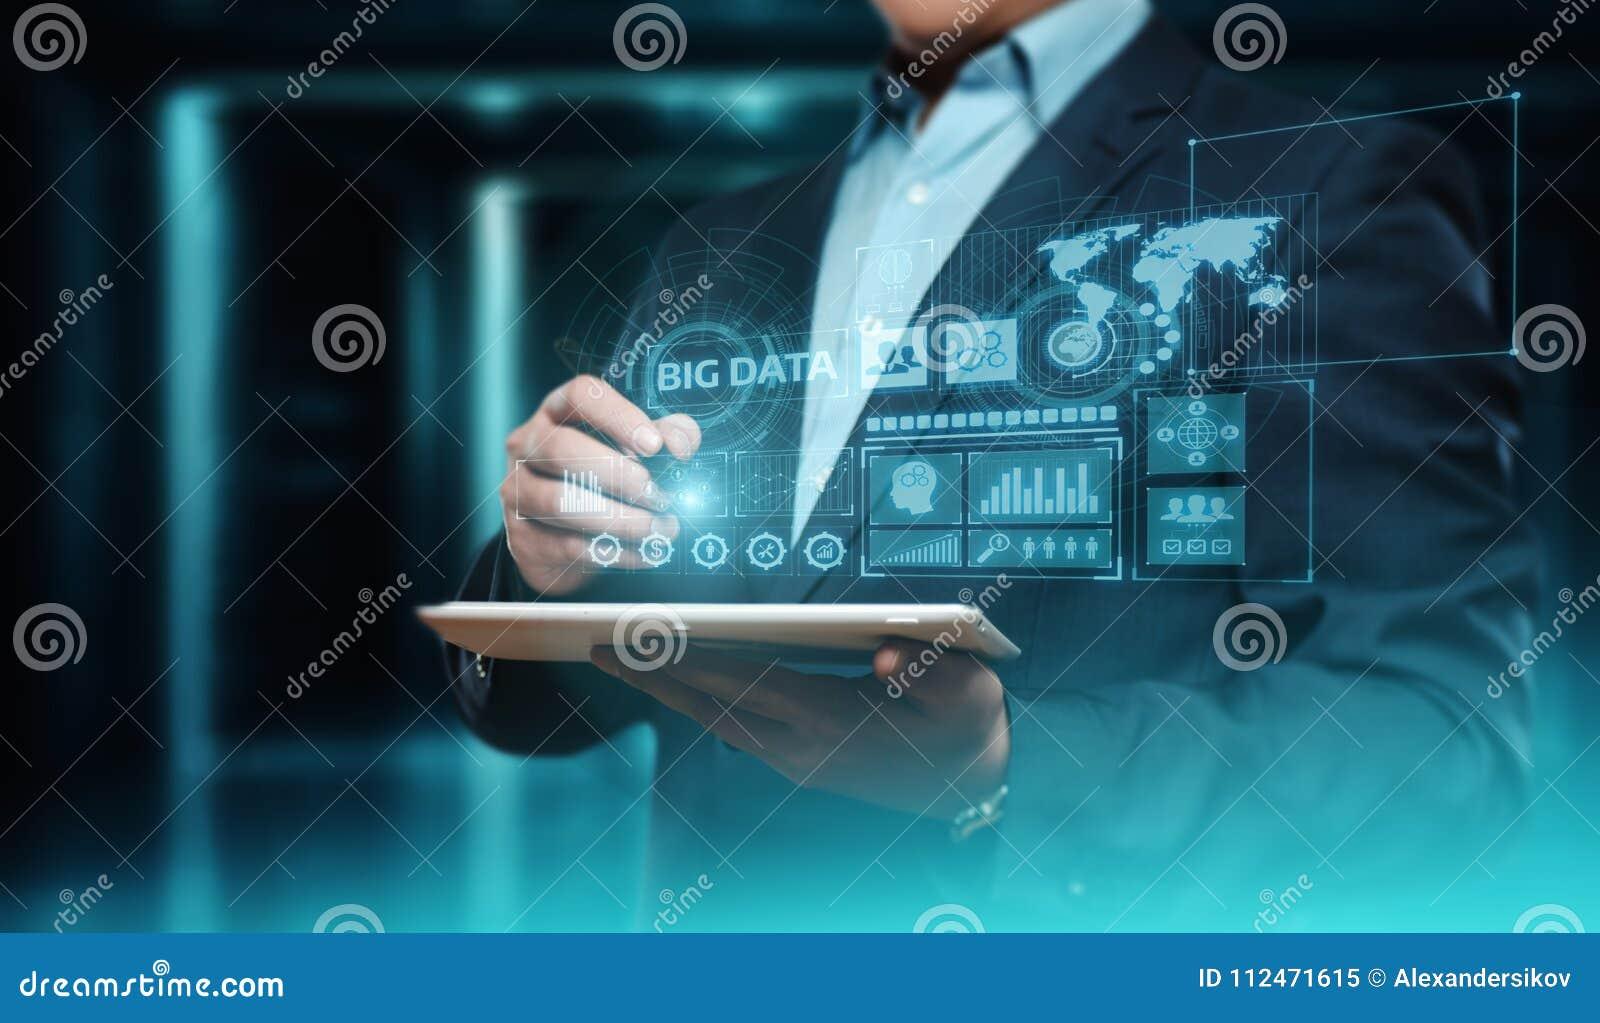 Conceito grande da informação do negócio da tecnologia da informações na internet de dados